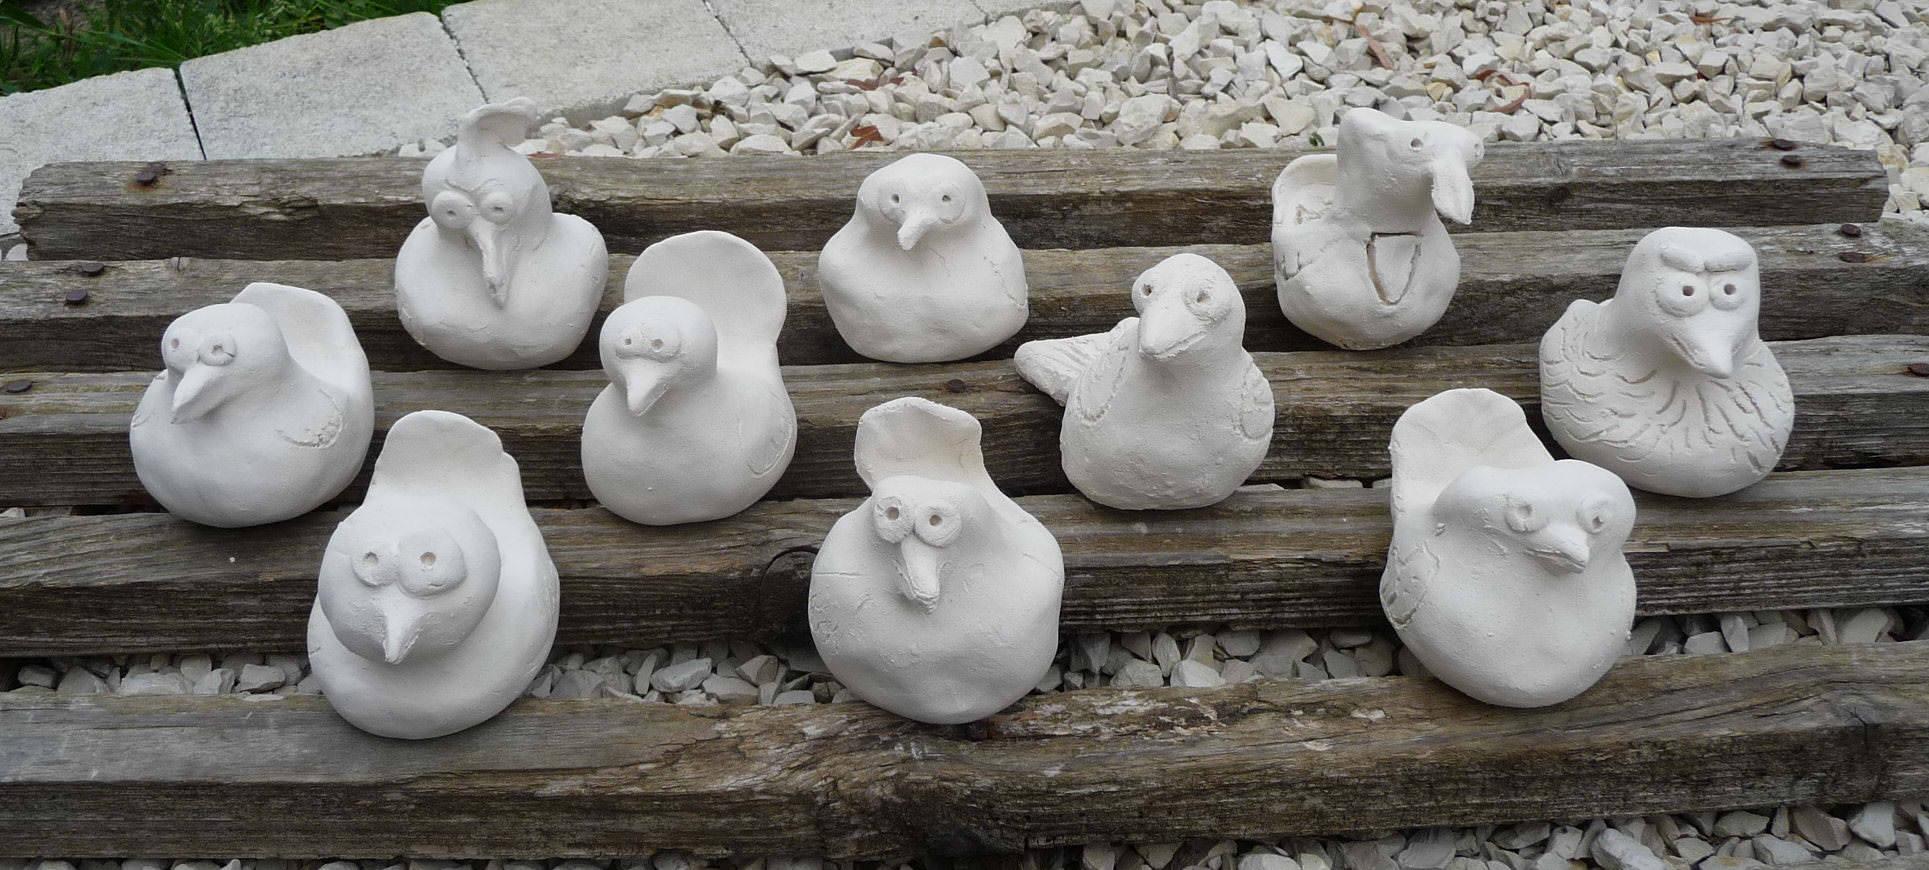 Atelier découverte : drôles d'oiseaux en argile